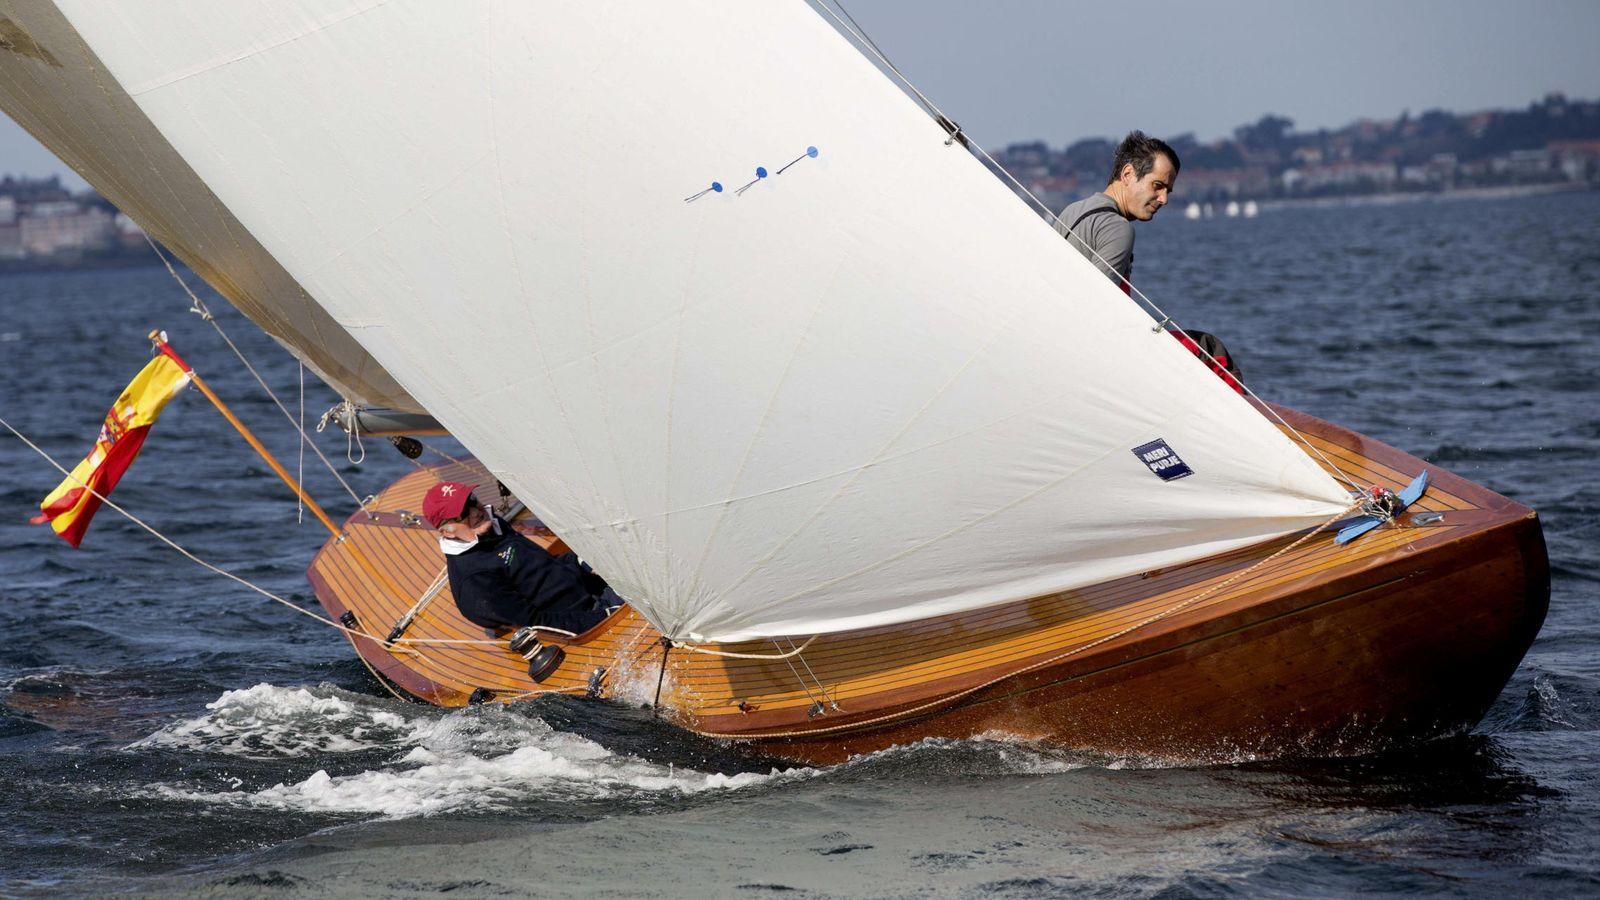 Familia real espa ola el rey juan carlos navega por primera vez con el nuevo brib n en pontevedra - Todo sobre barcos ...